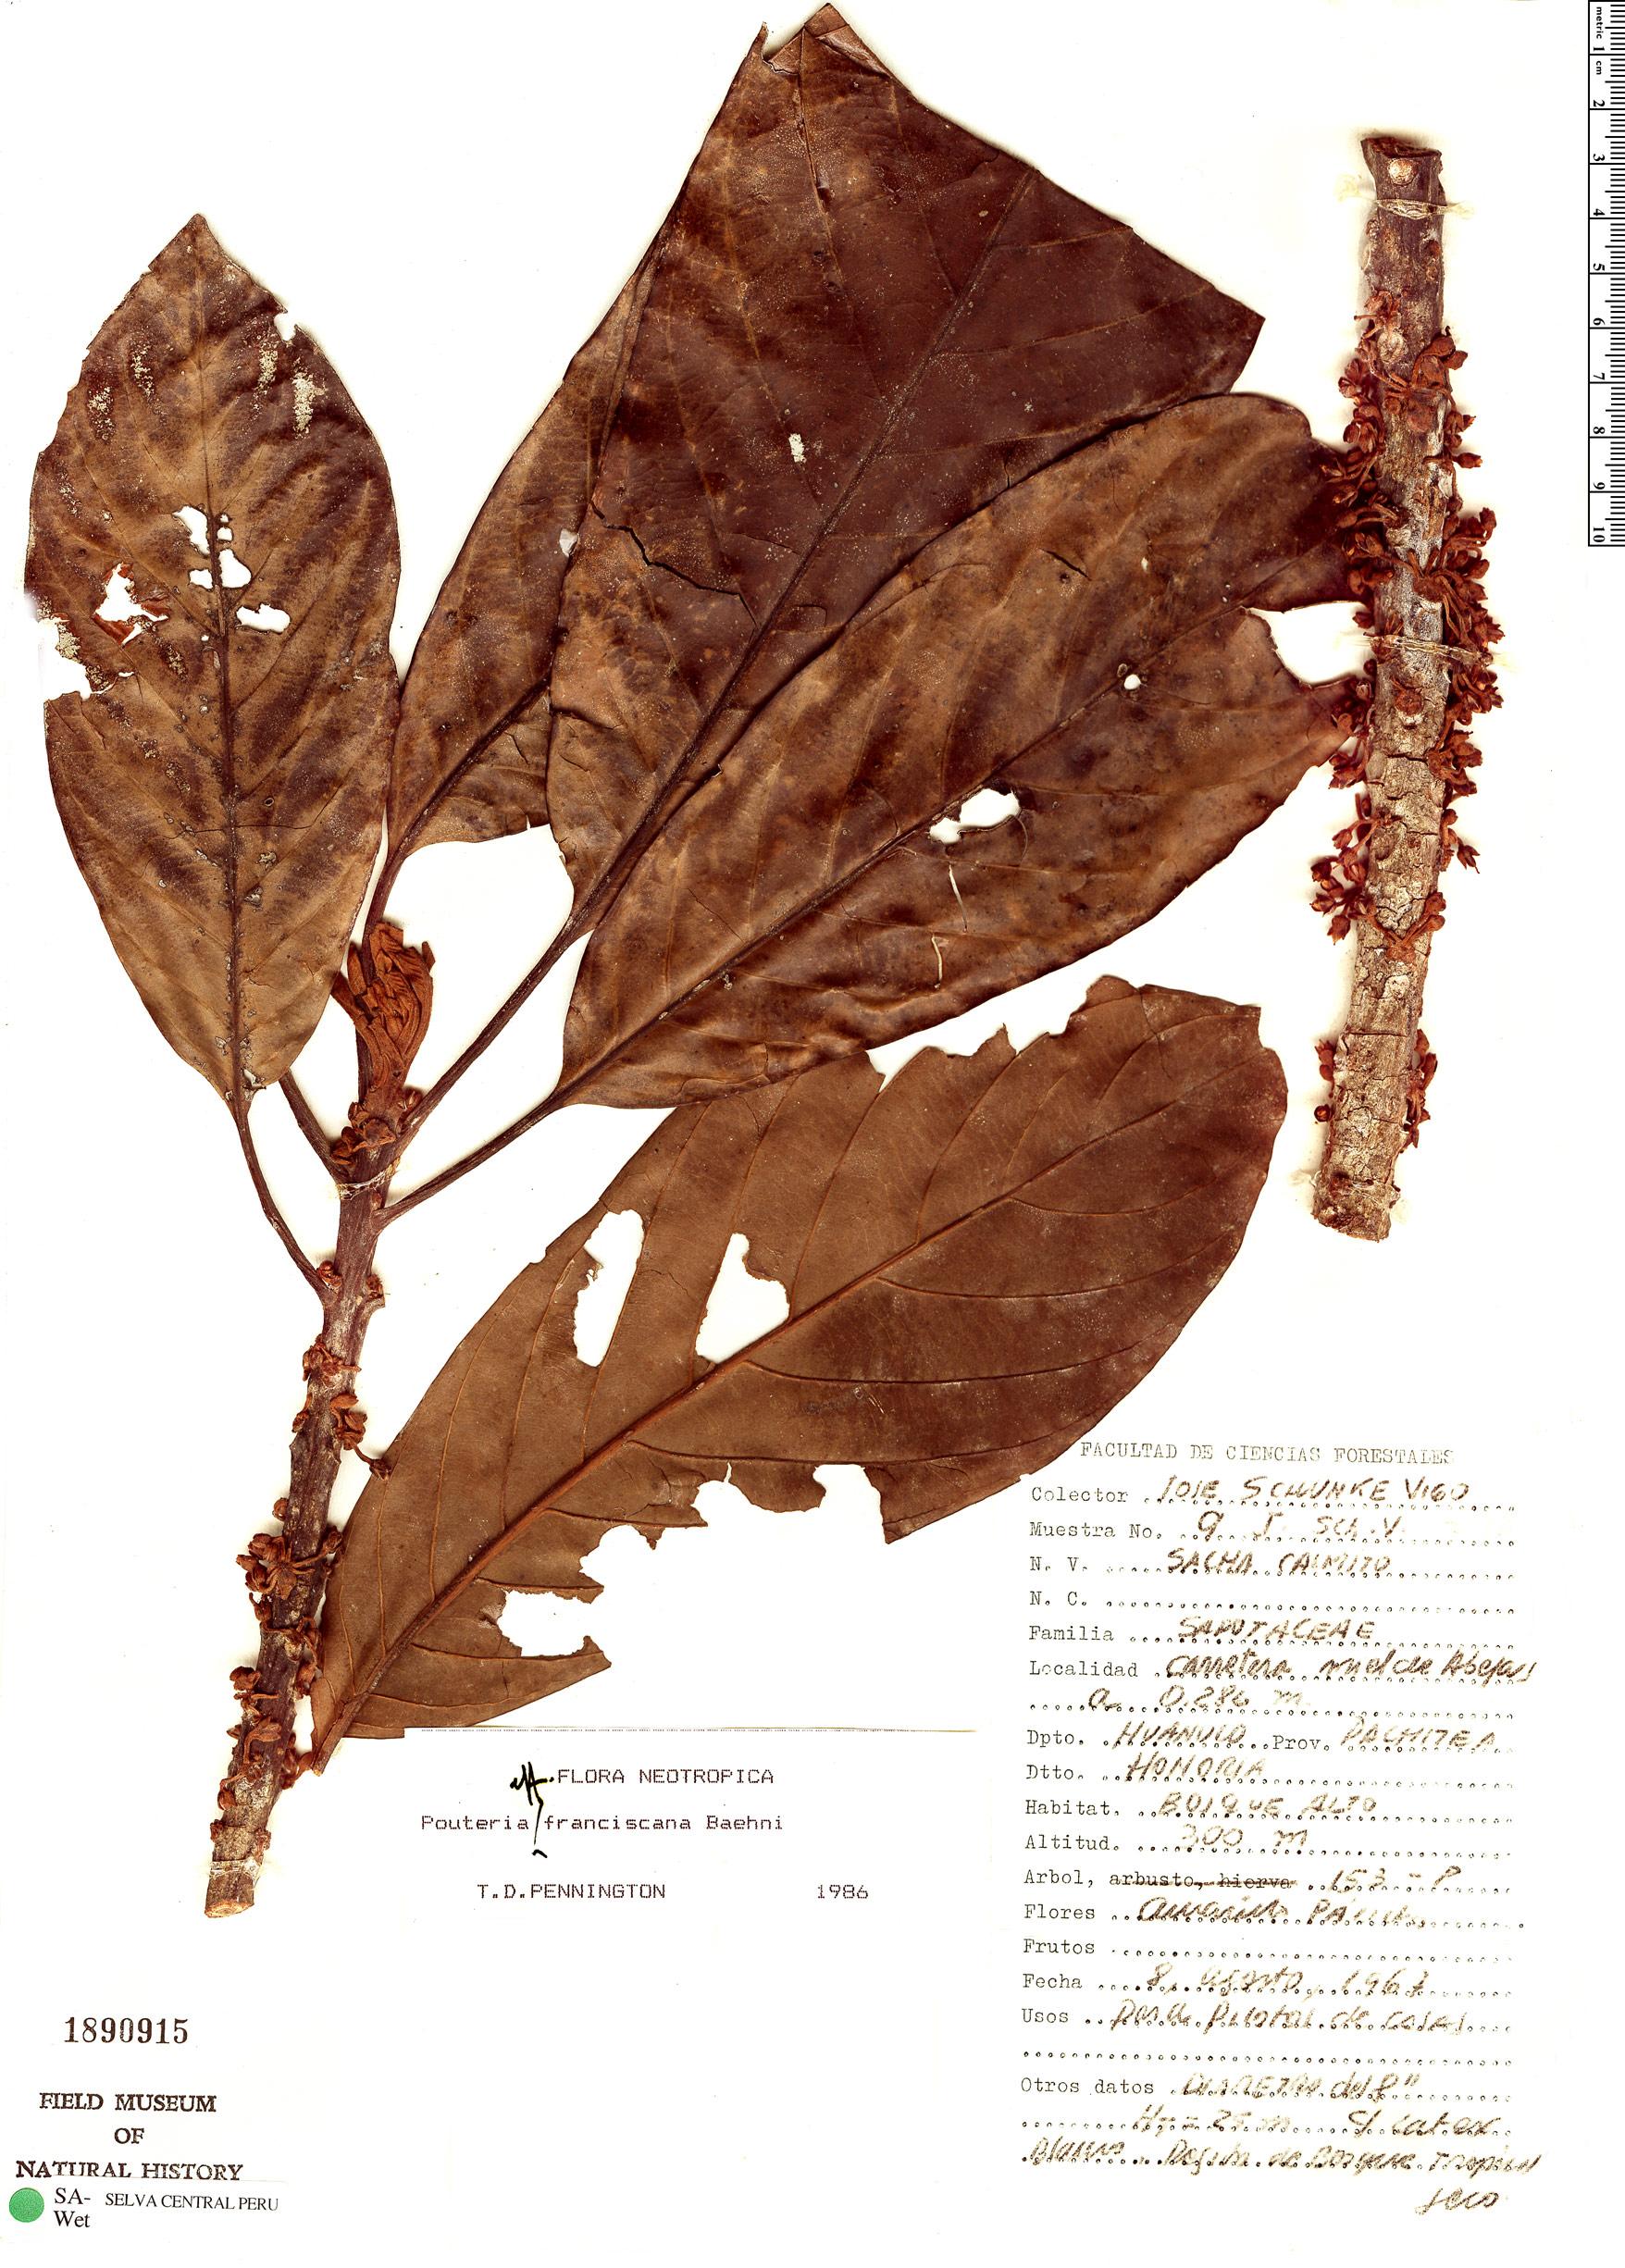 Specimen: Pouteria franciscana